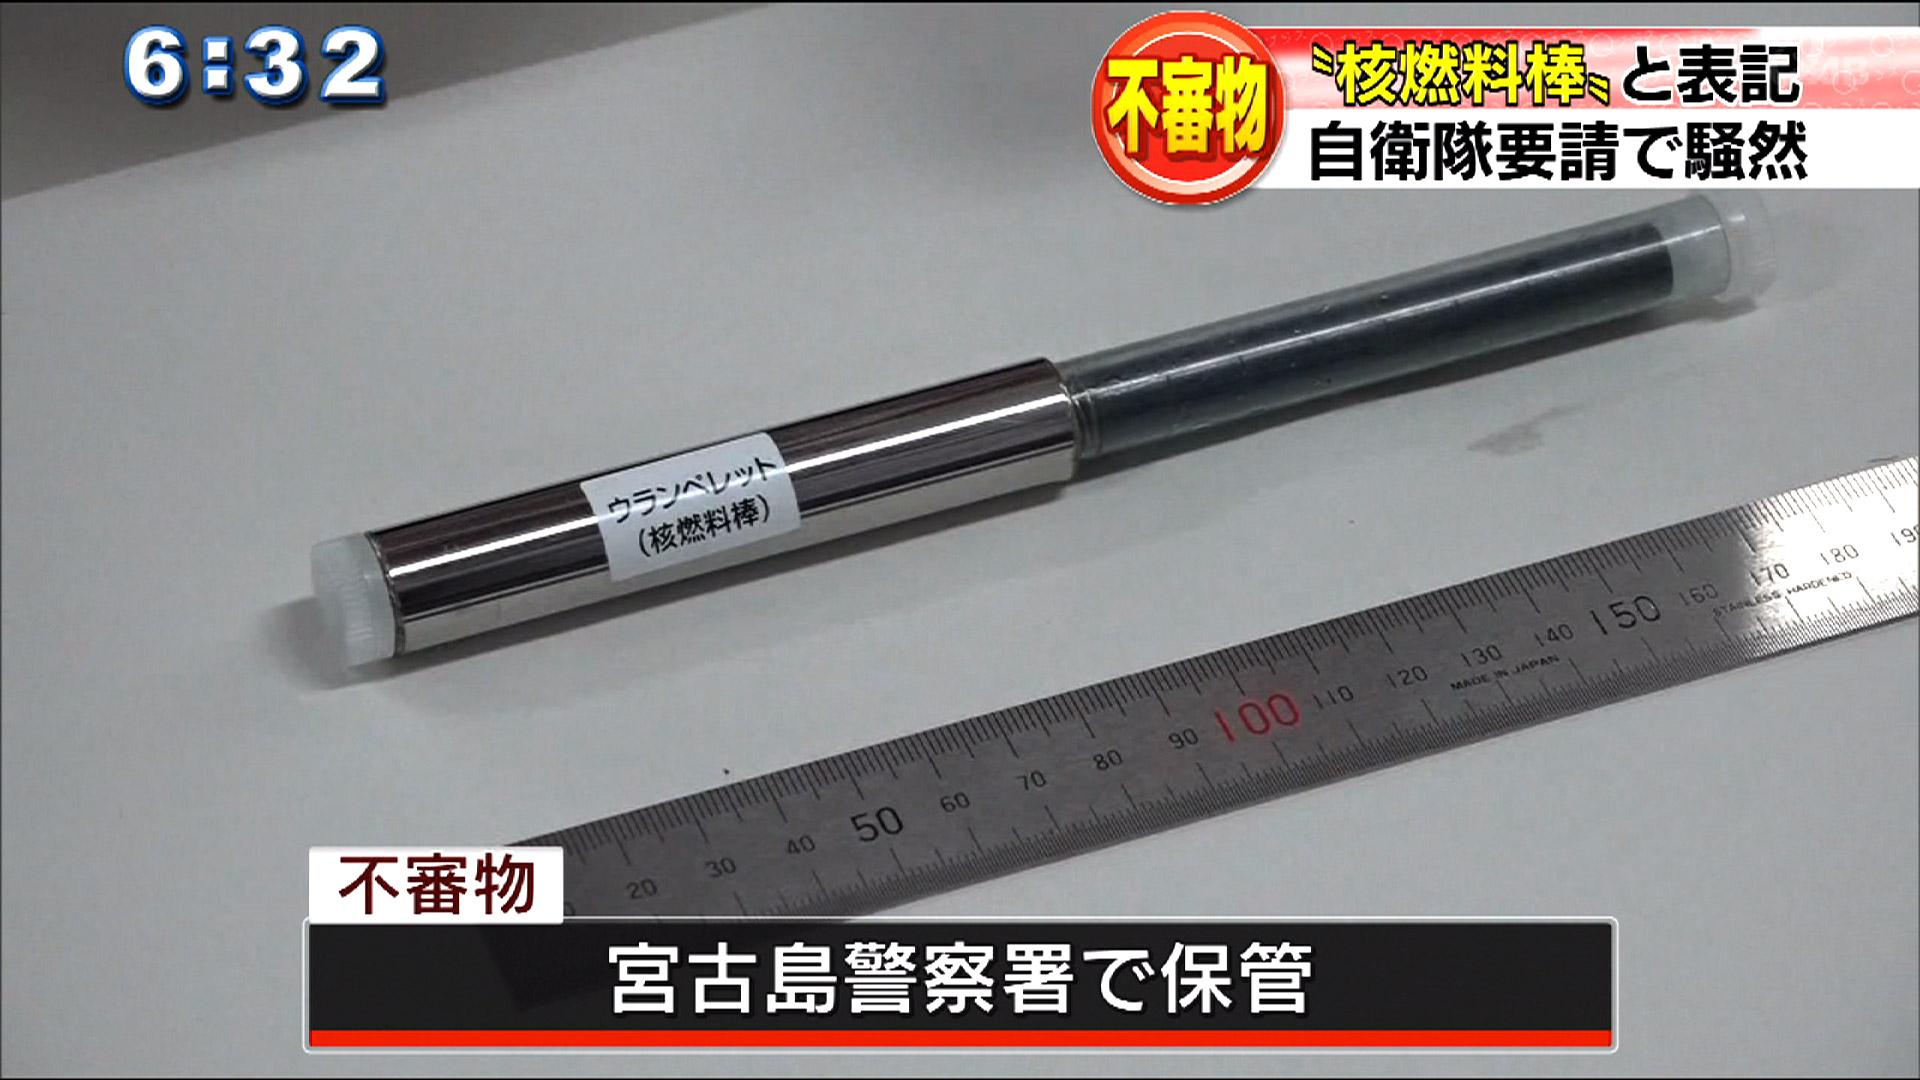 宮古島で核燃料棒?!不審物発見